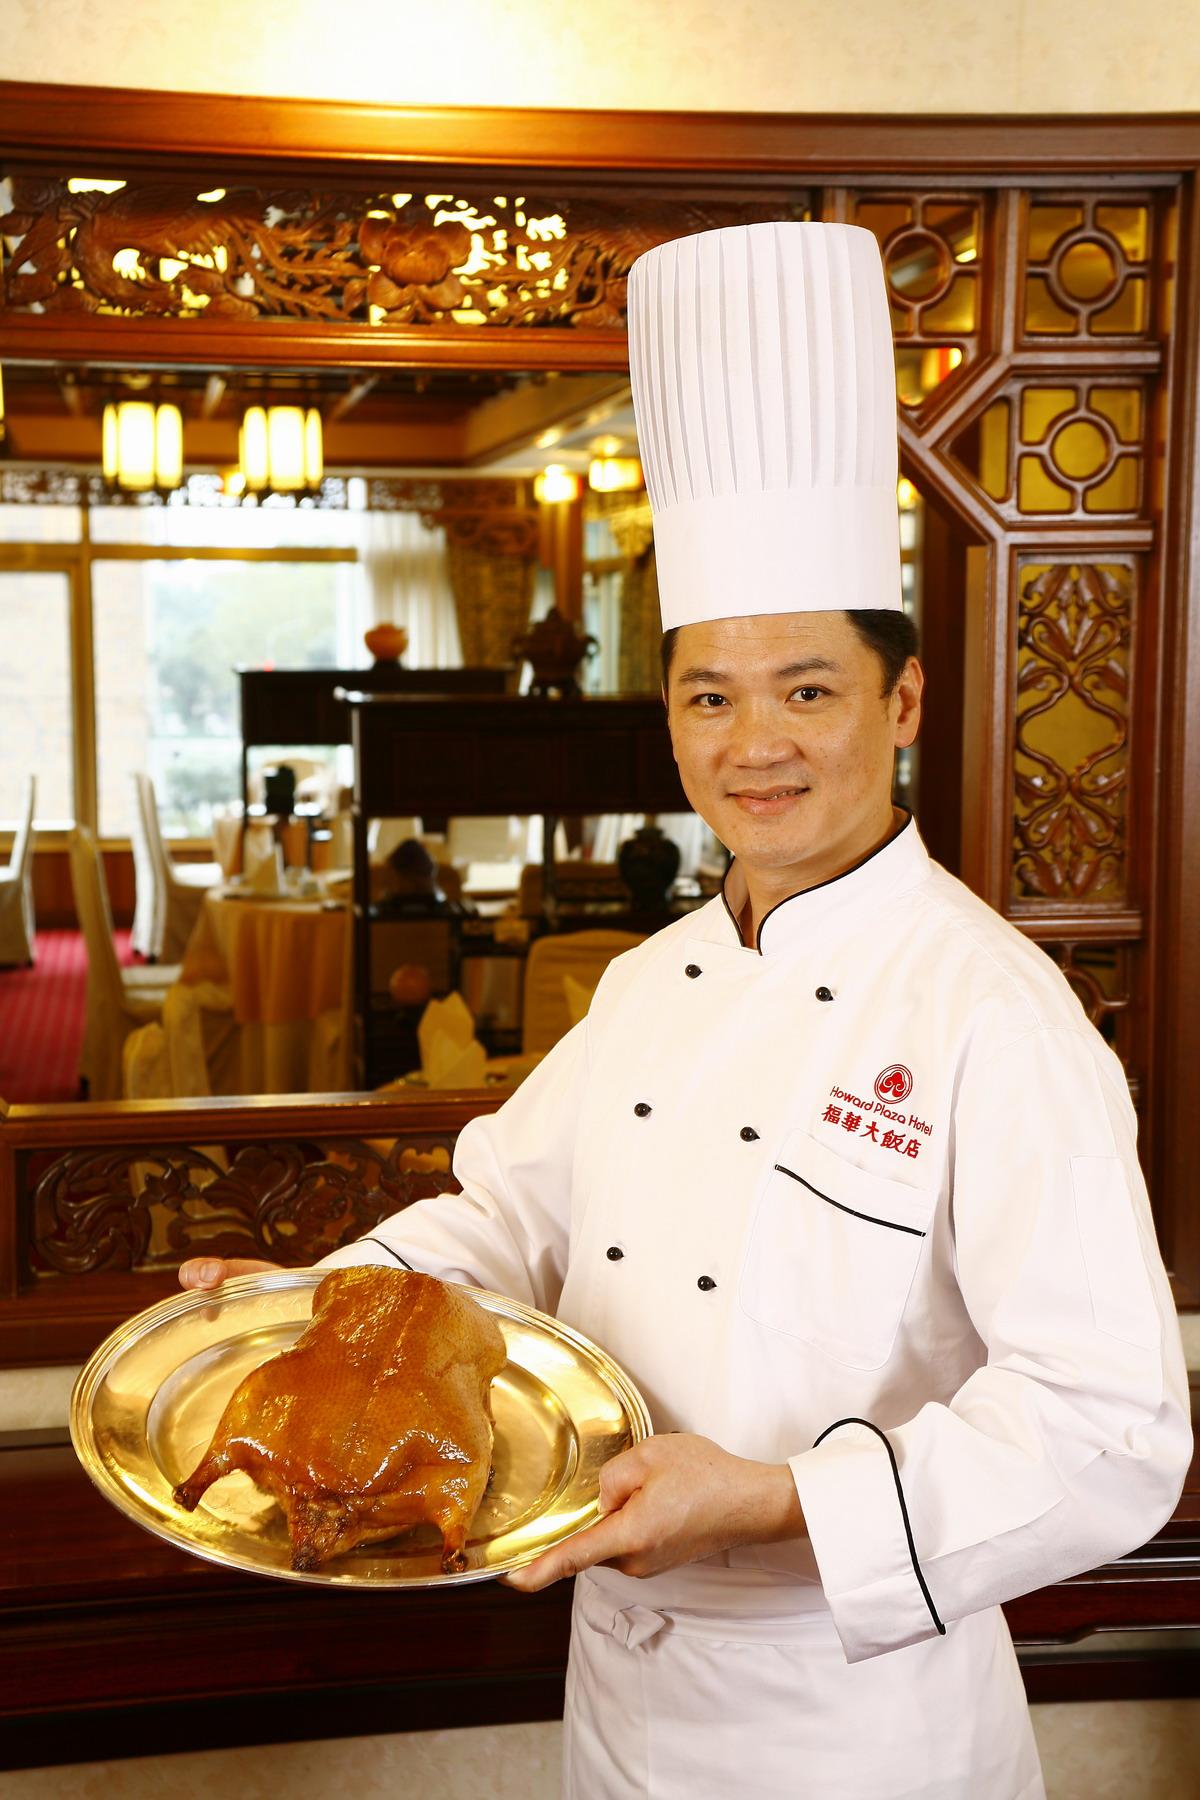 福華掛爐烤鴨銷售近10萬隻 訂包廂滿額送烤鴨